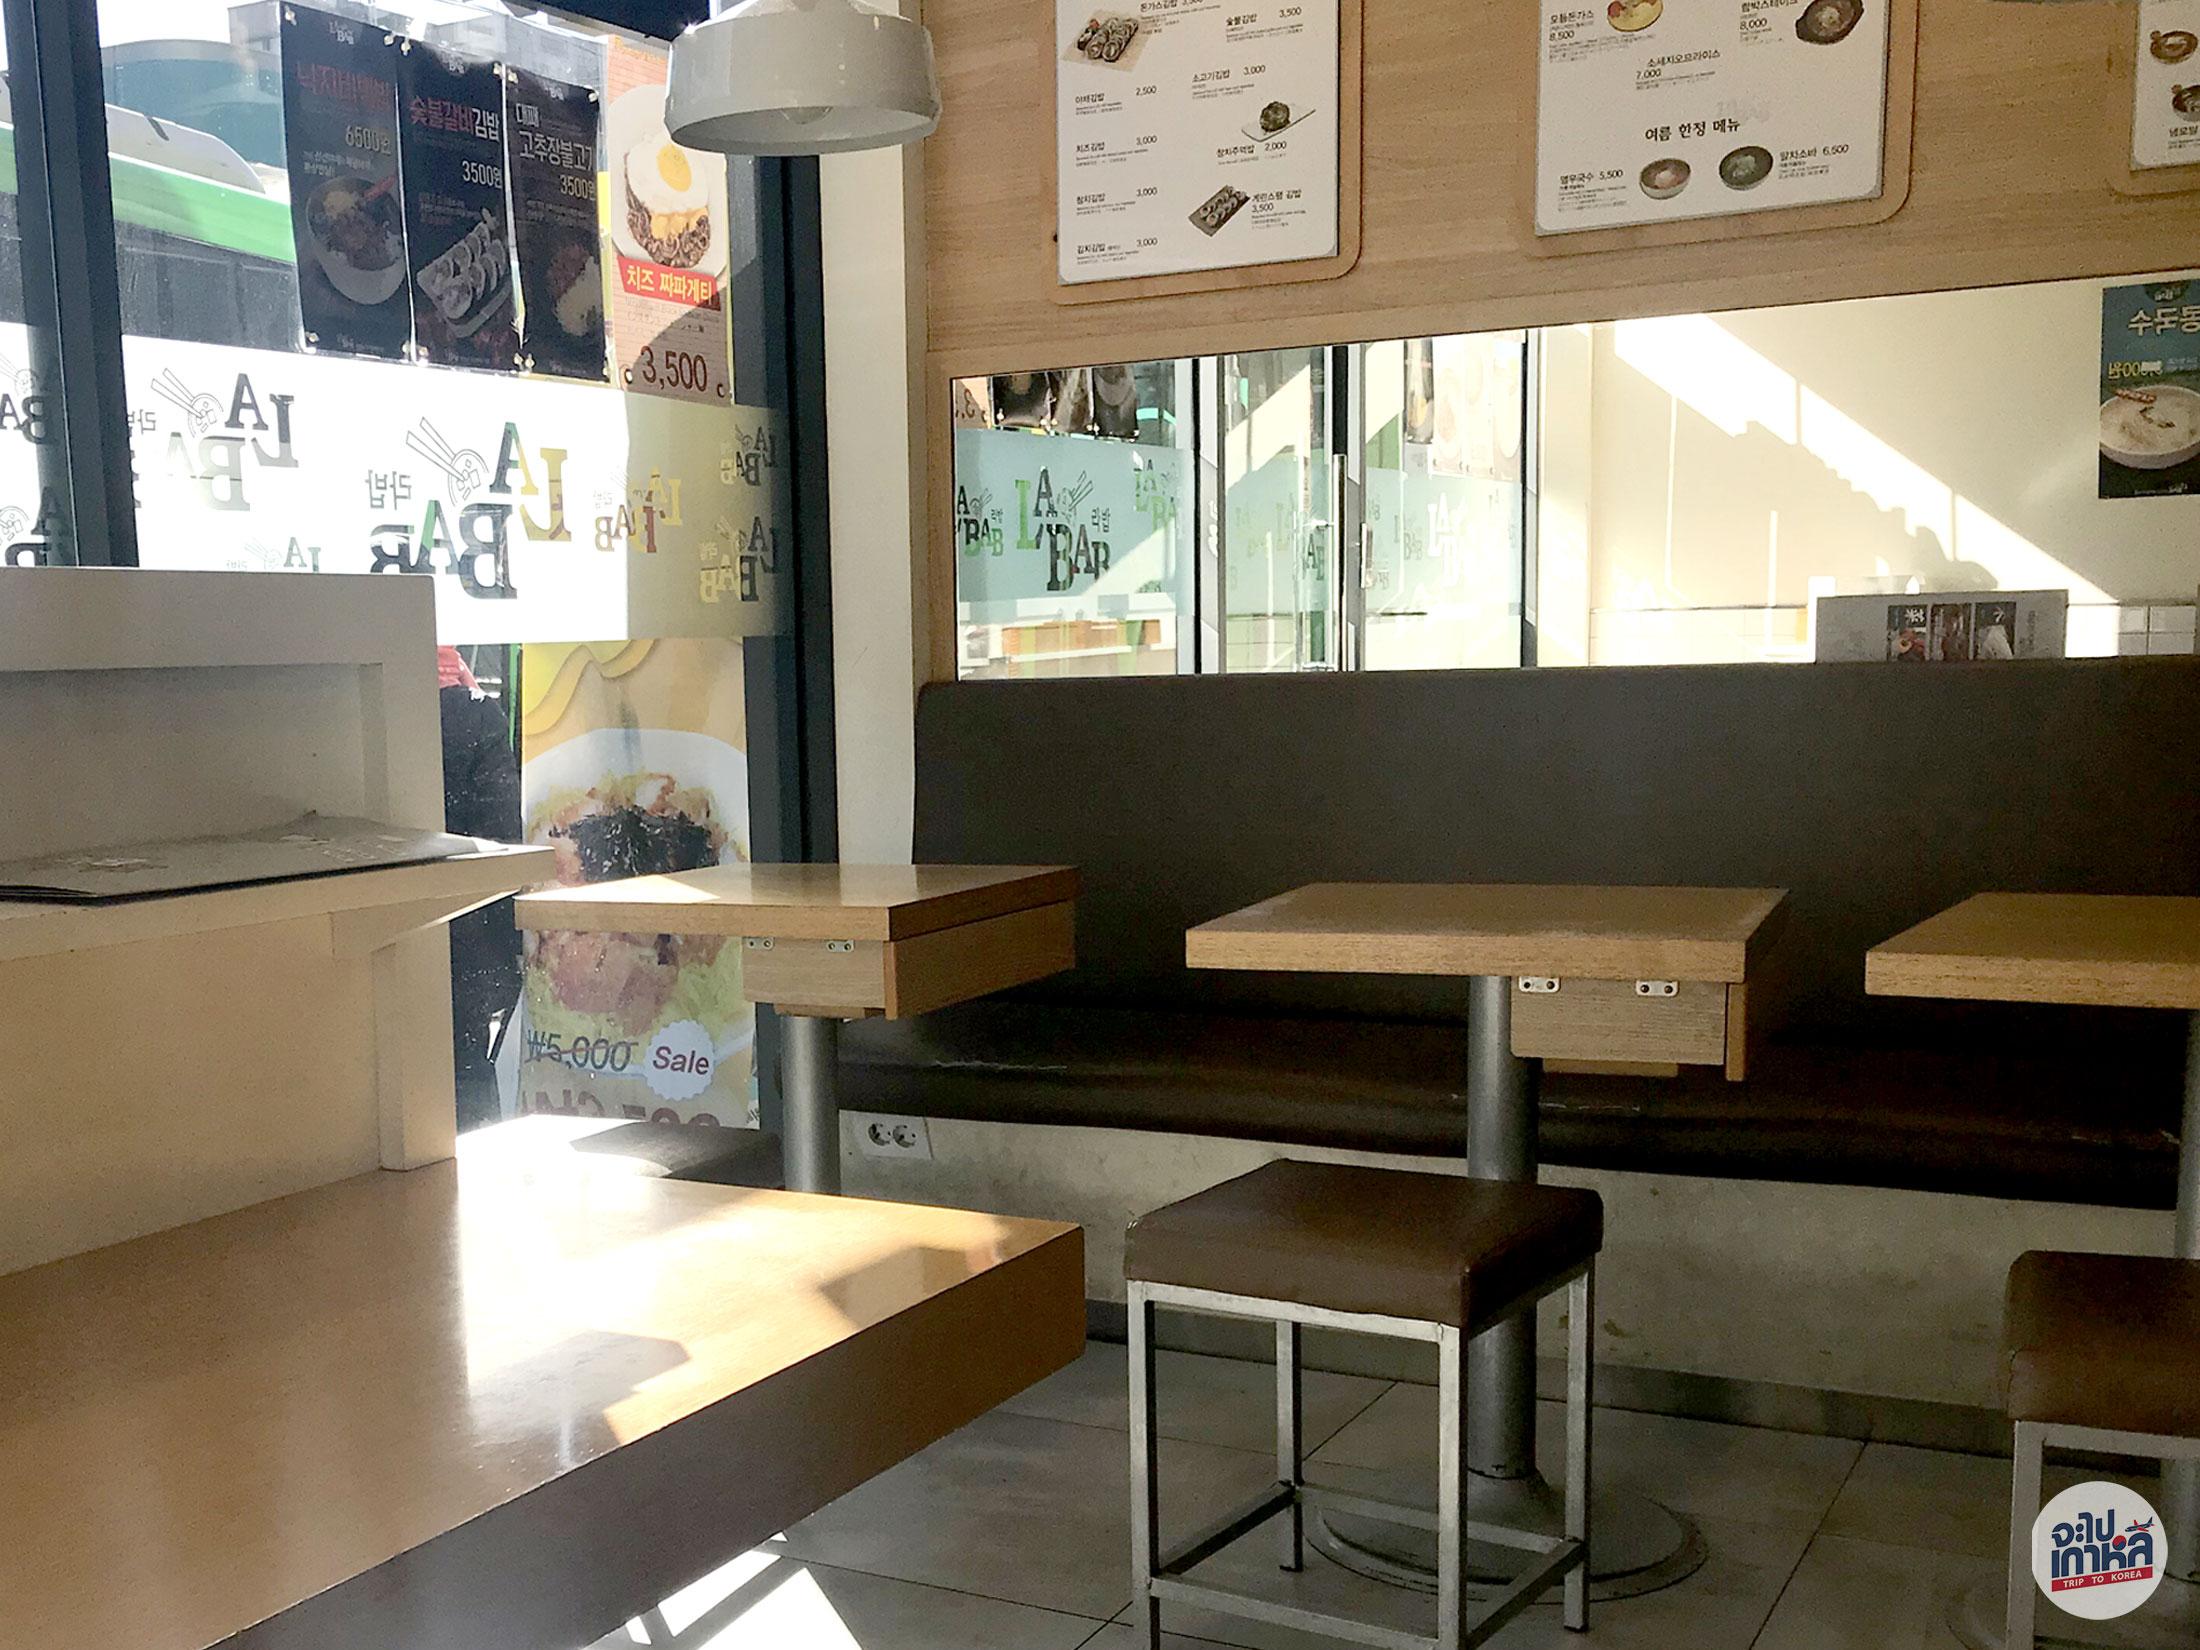 ร้านอาหารเกาหลี กินคนเดียว